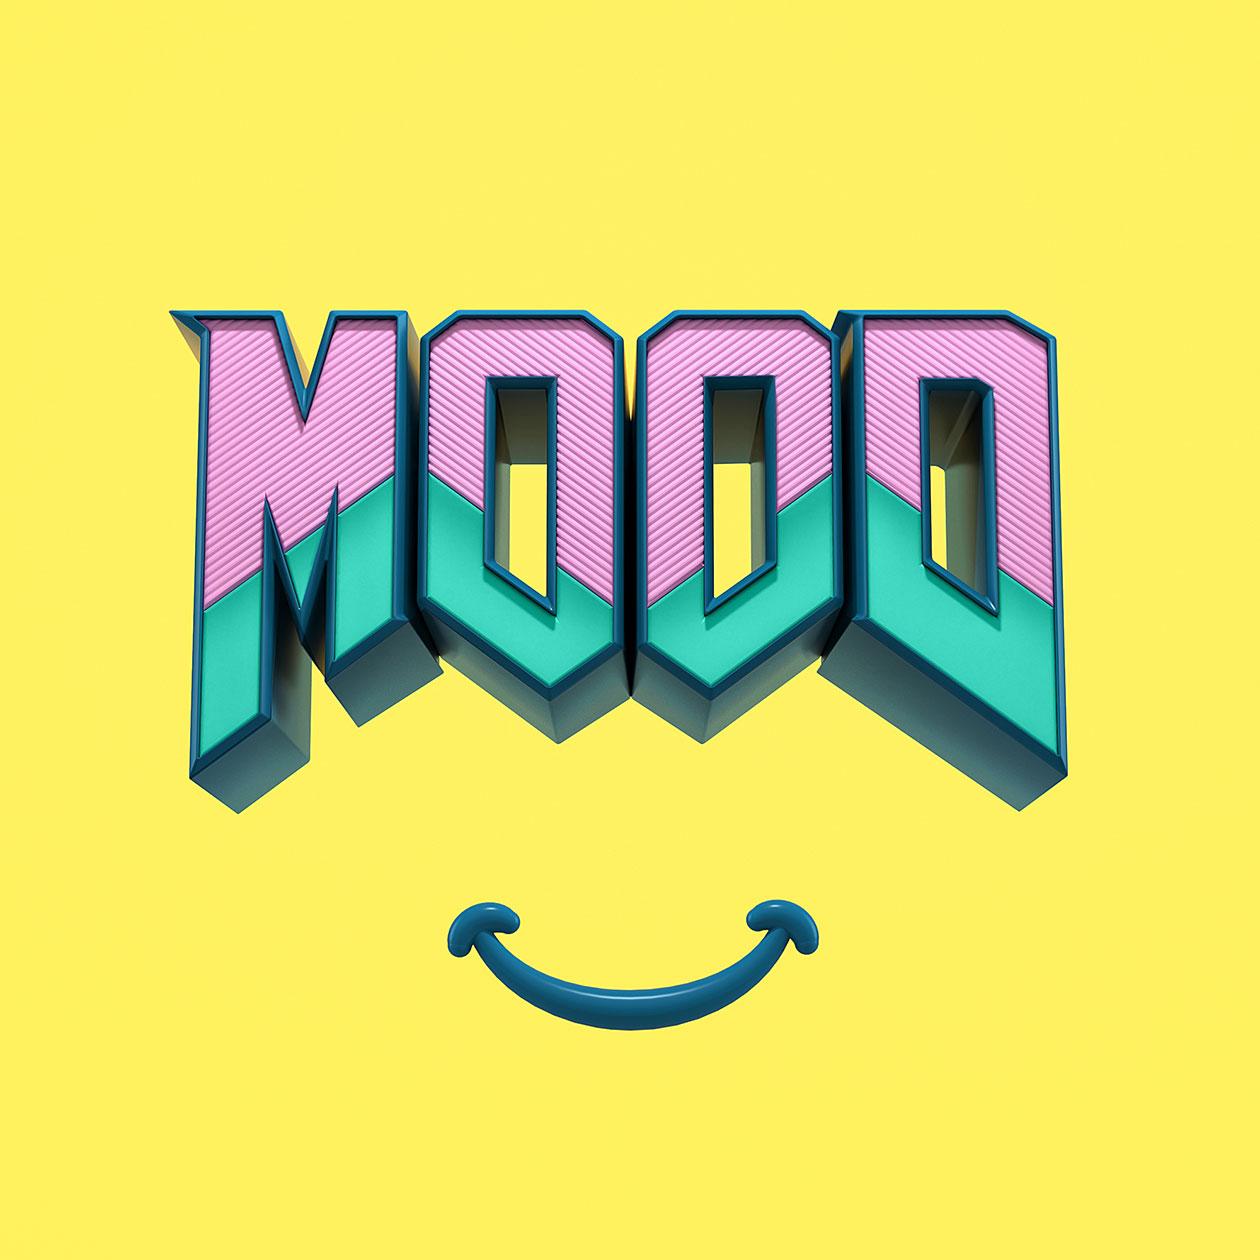 foreal_mood